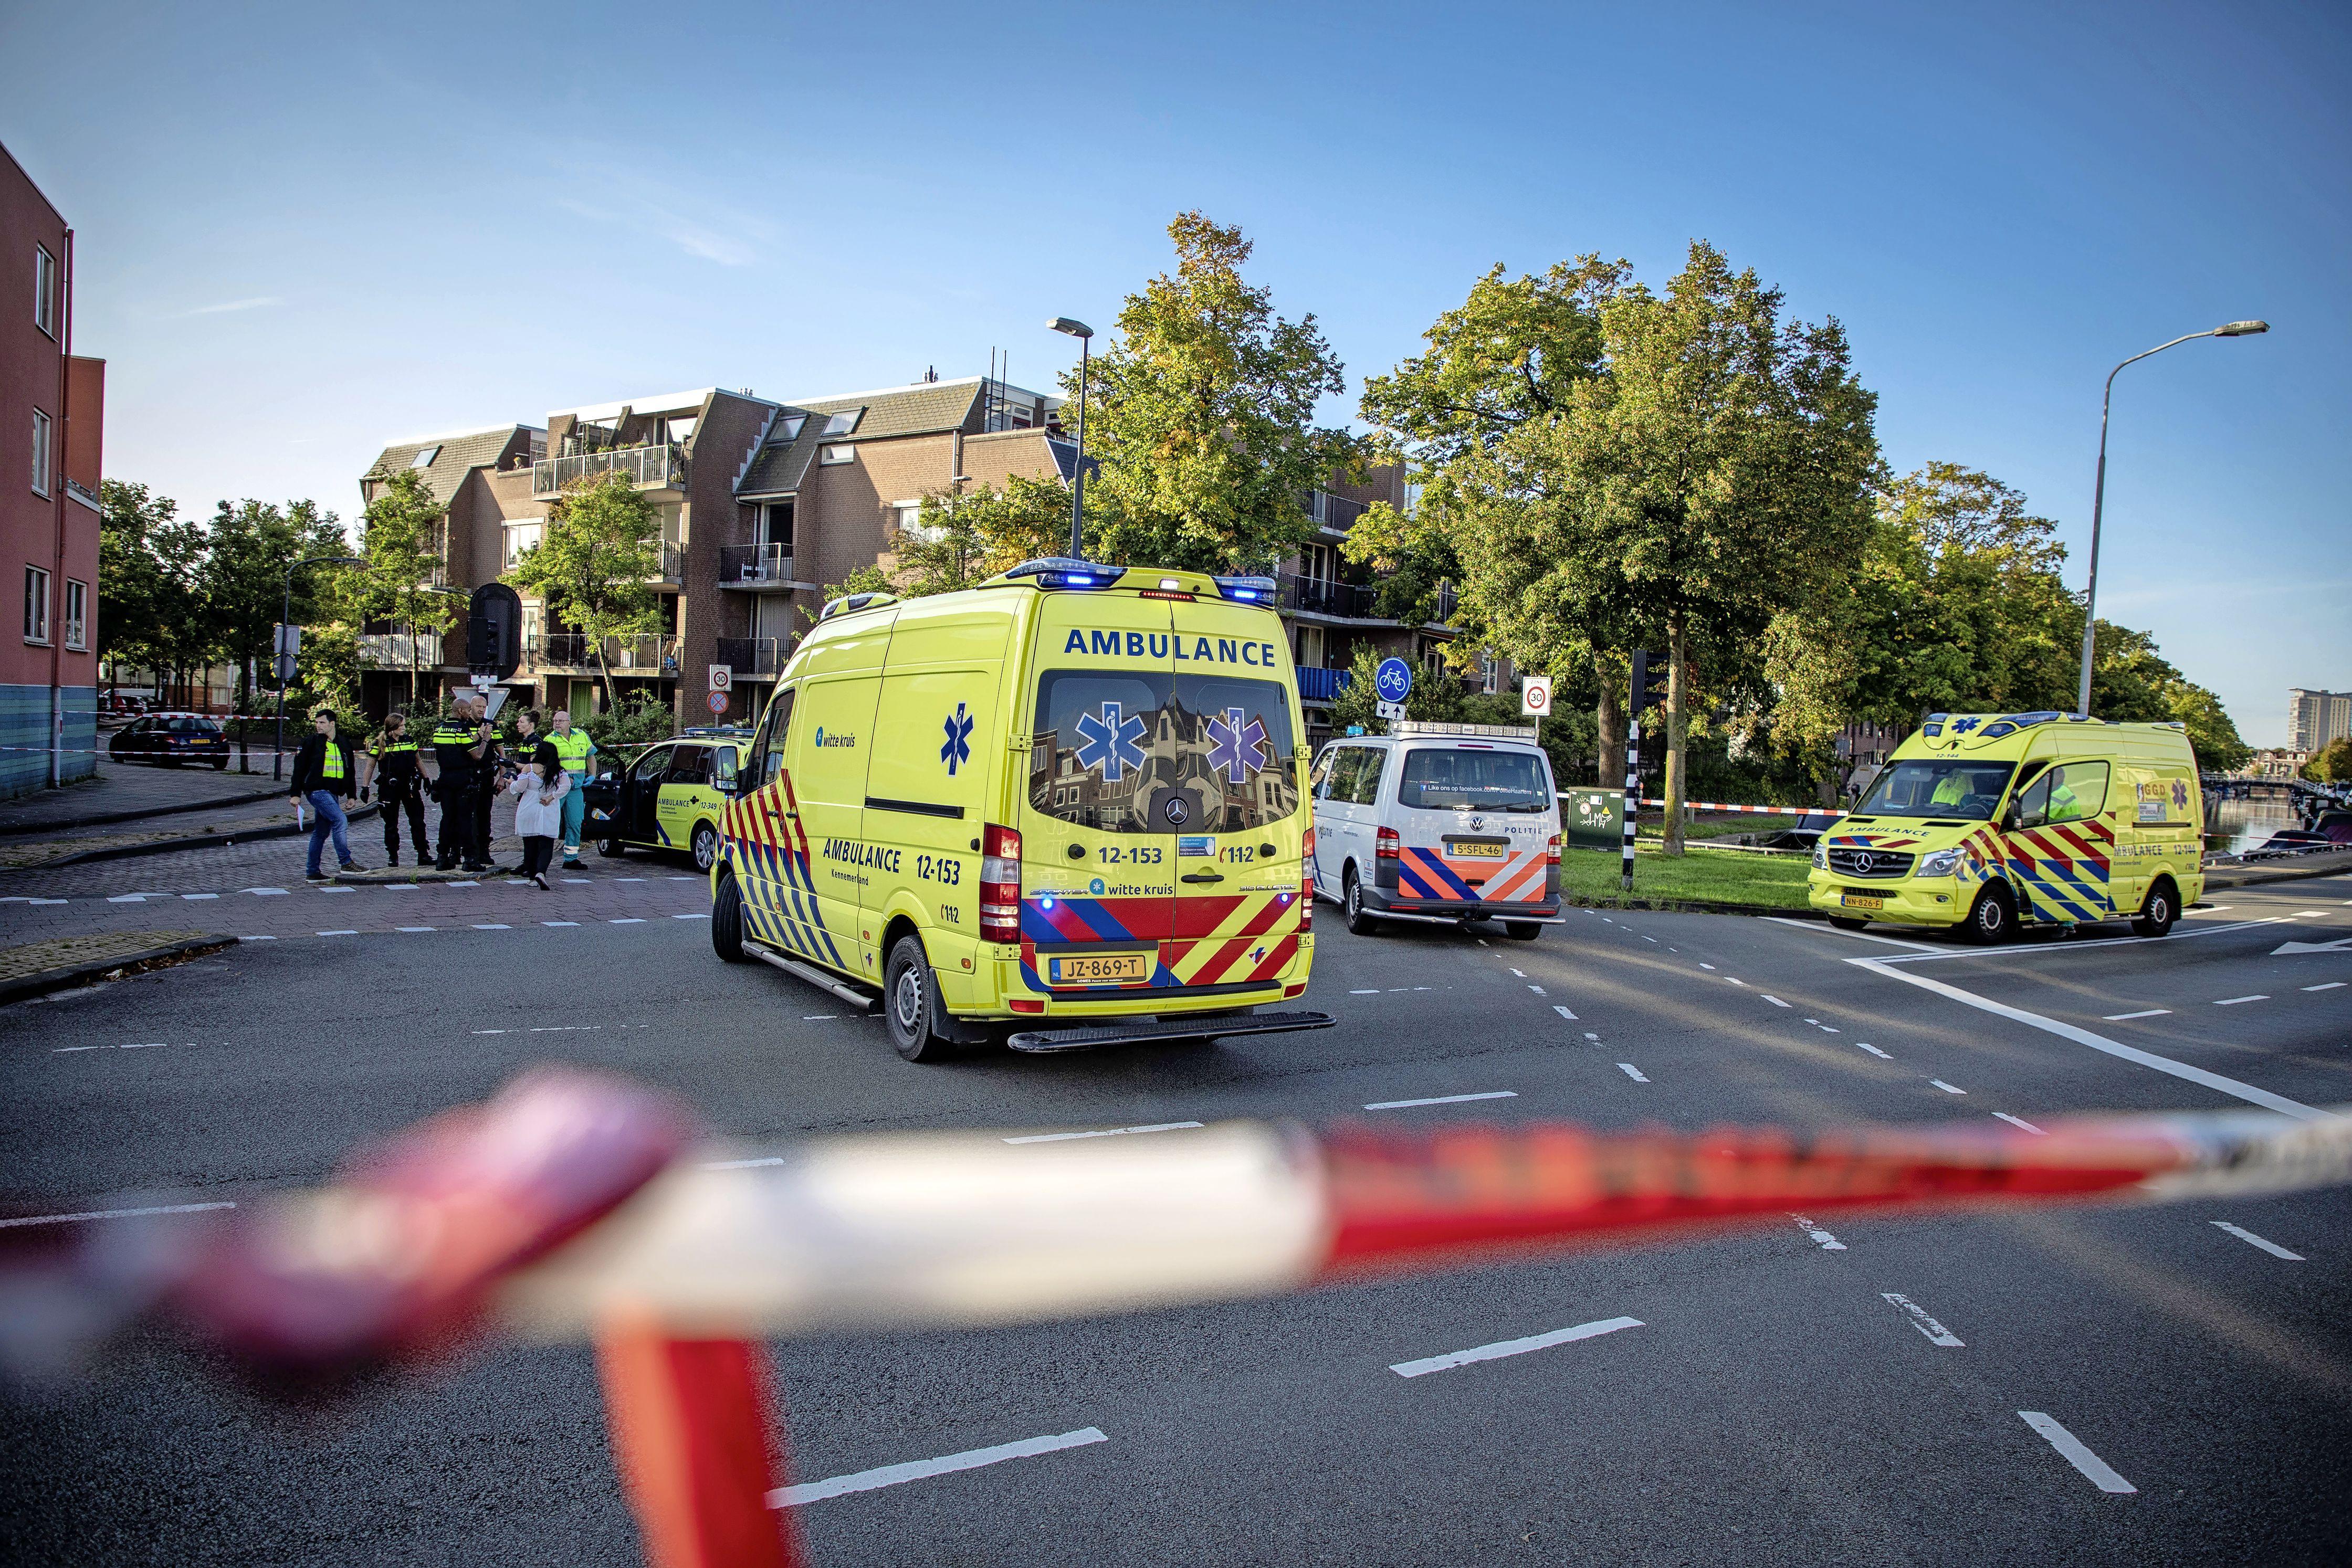 Paar maanden cel voor gewelddadigheden bij Amsterdamse Poort in Haarlem: man geslagen met stalen pijp en gesneden met stanleymes